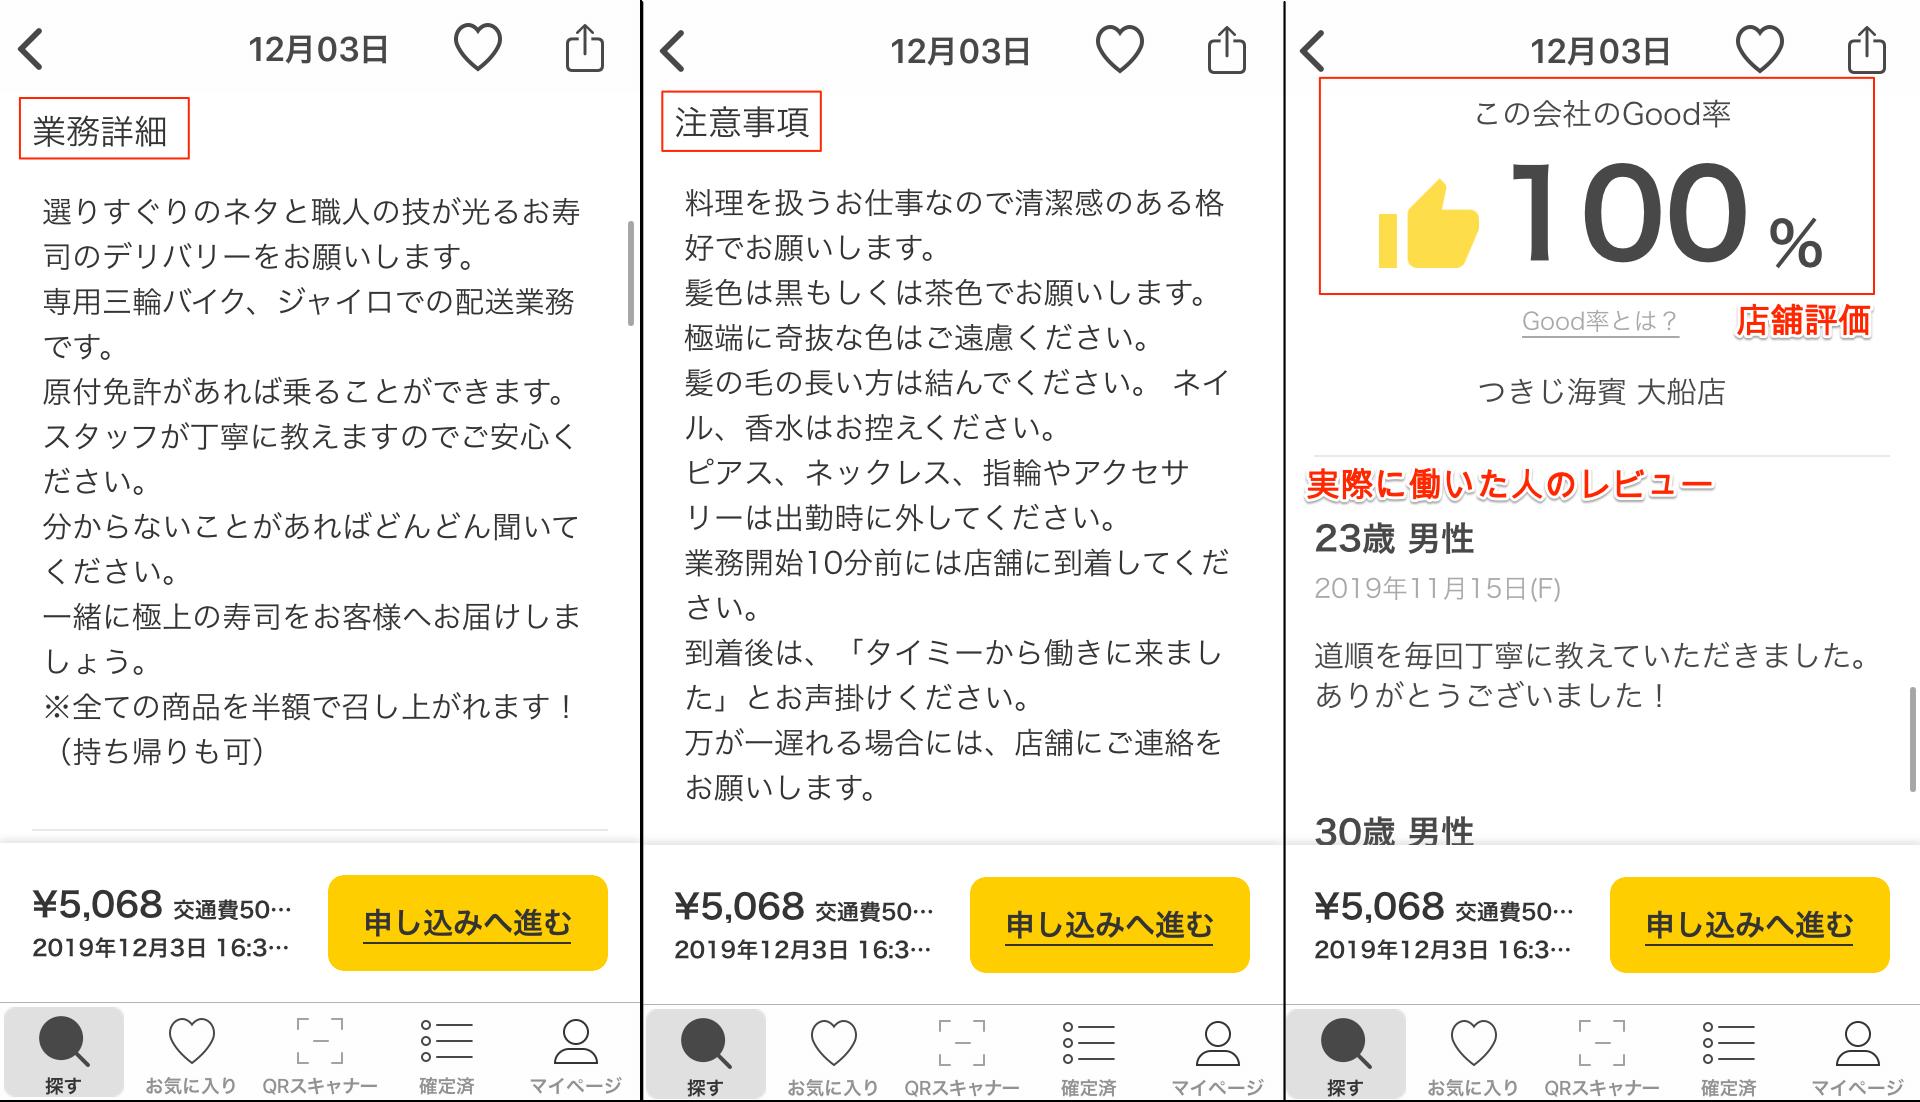 業務詳細・注意事項・レビュー